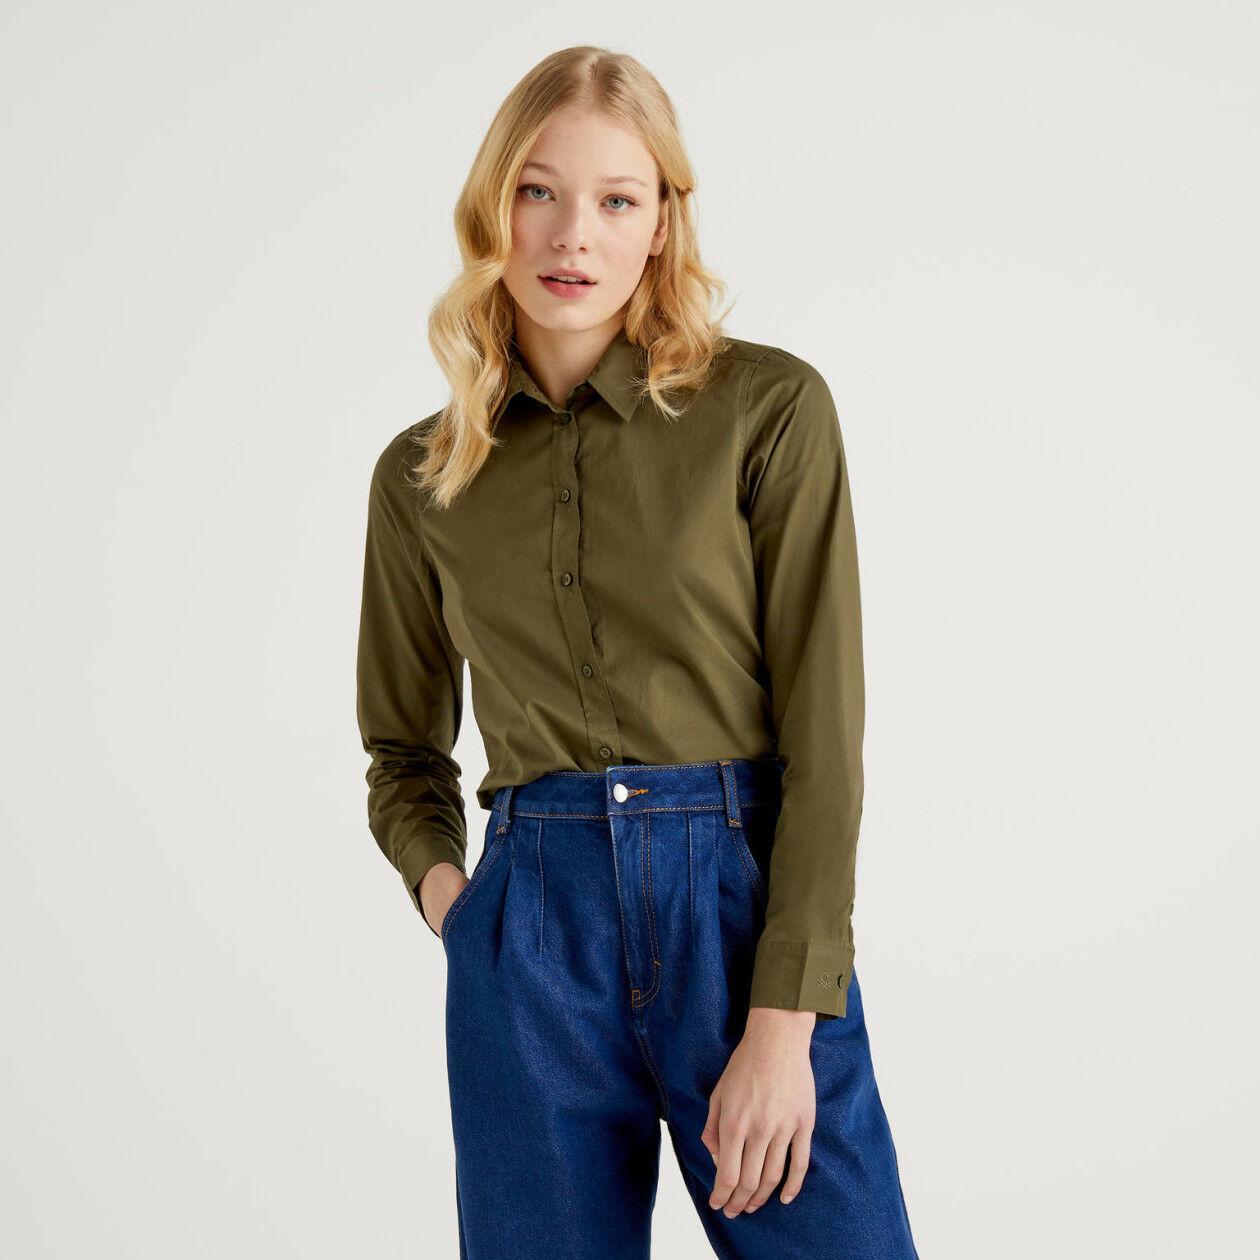 Camisa personalizable de algodón ligero